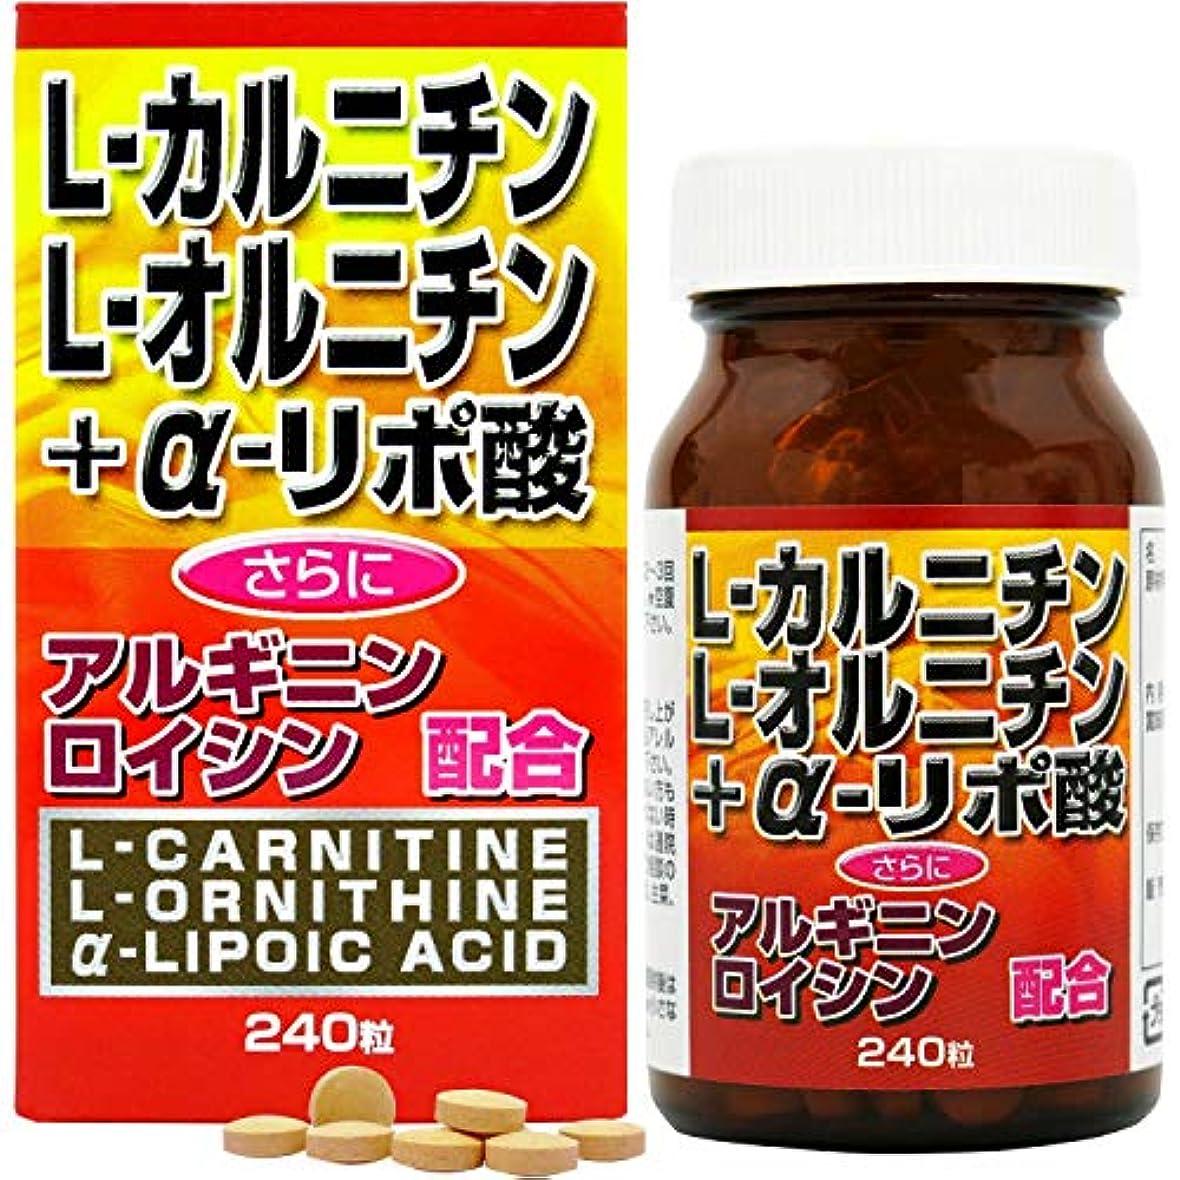 辛い辛いパターンユウキ製薬 L-オルニチン+L-カルニチン+α-リポ酸 30日分 240粒